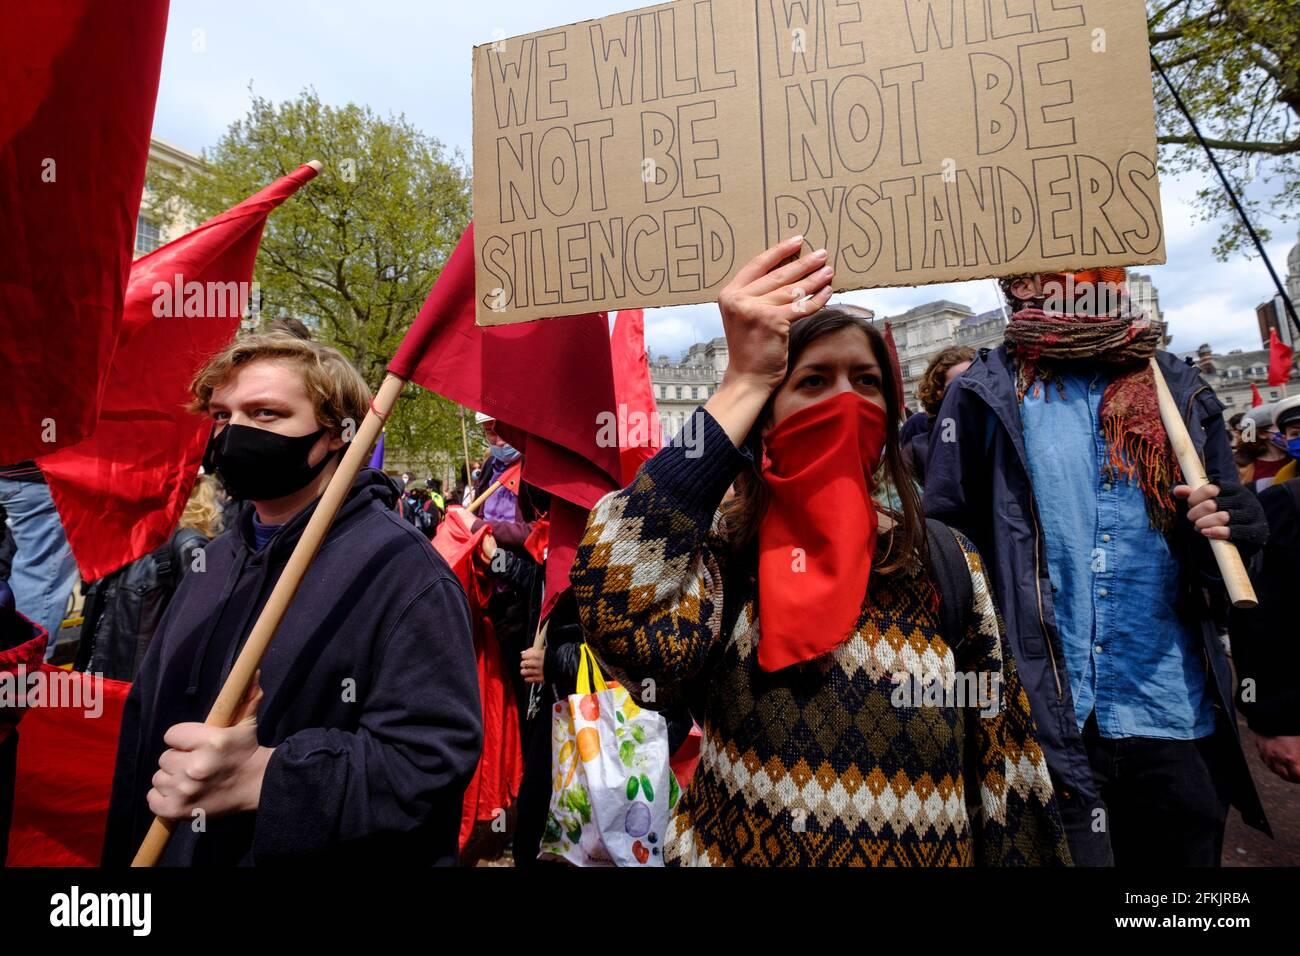 La protesta y manifestación del Día de Mayo Math the Bill Londres, Reino Unido, 1 de mayo de 2021. Miles de personas marcharon desde Trafalgar Square protestando contra la policía, el crimen, las sentencias y los tribunales recientemente propuestos que quitaban la libertad de expresión y reunión. Foto de stock